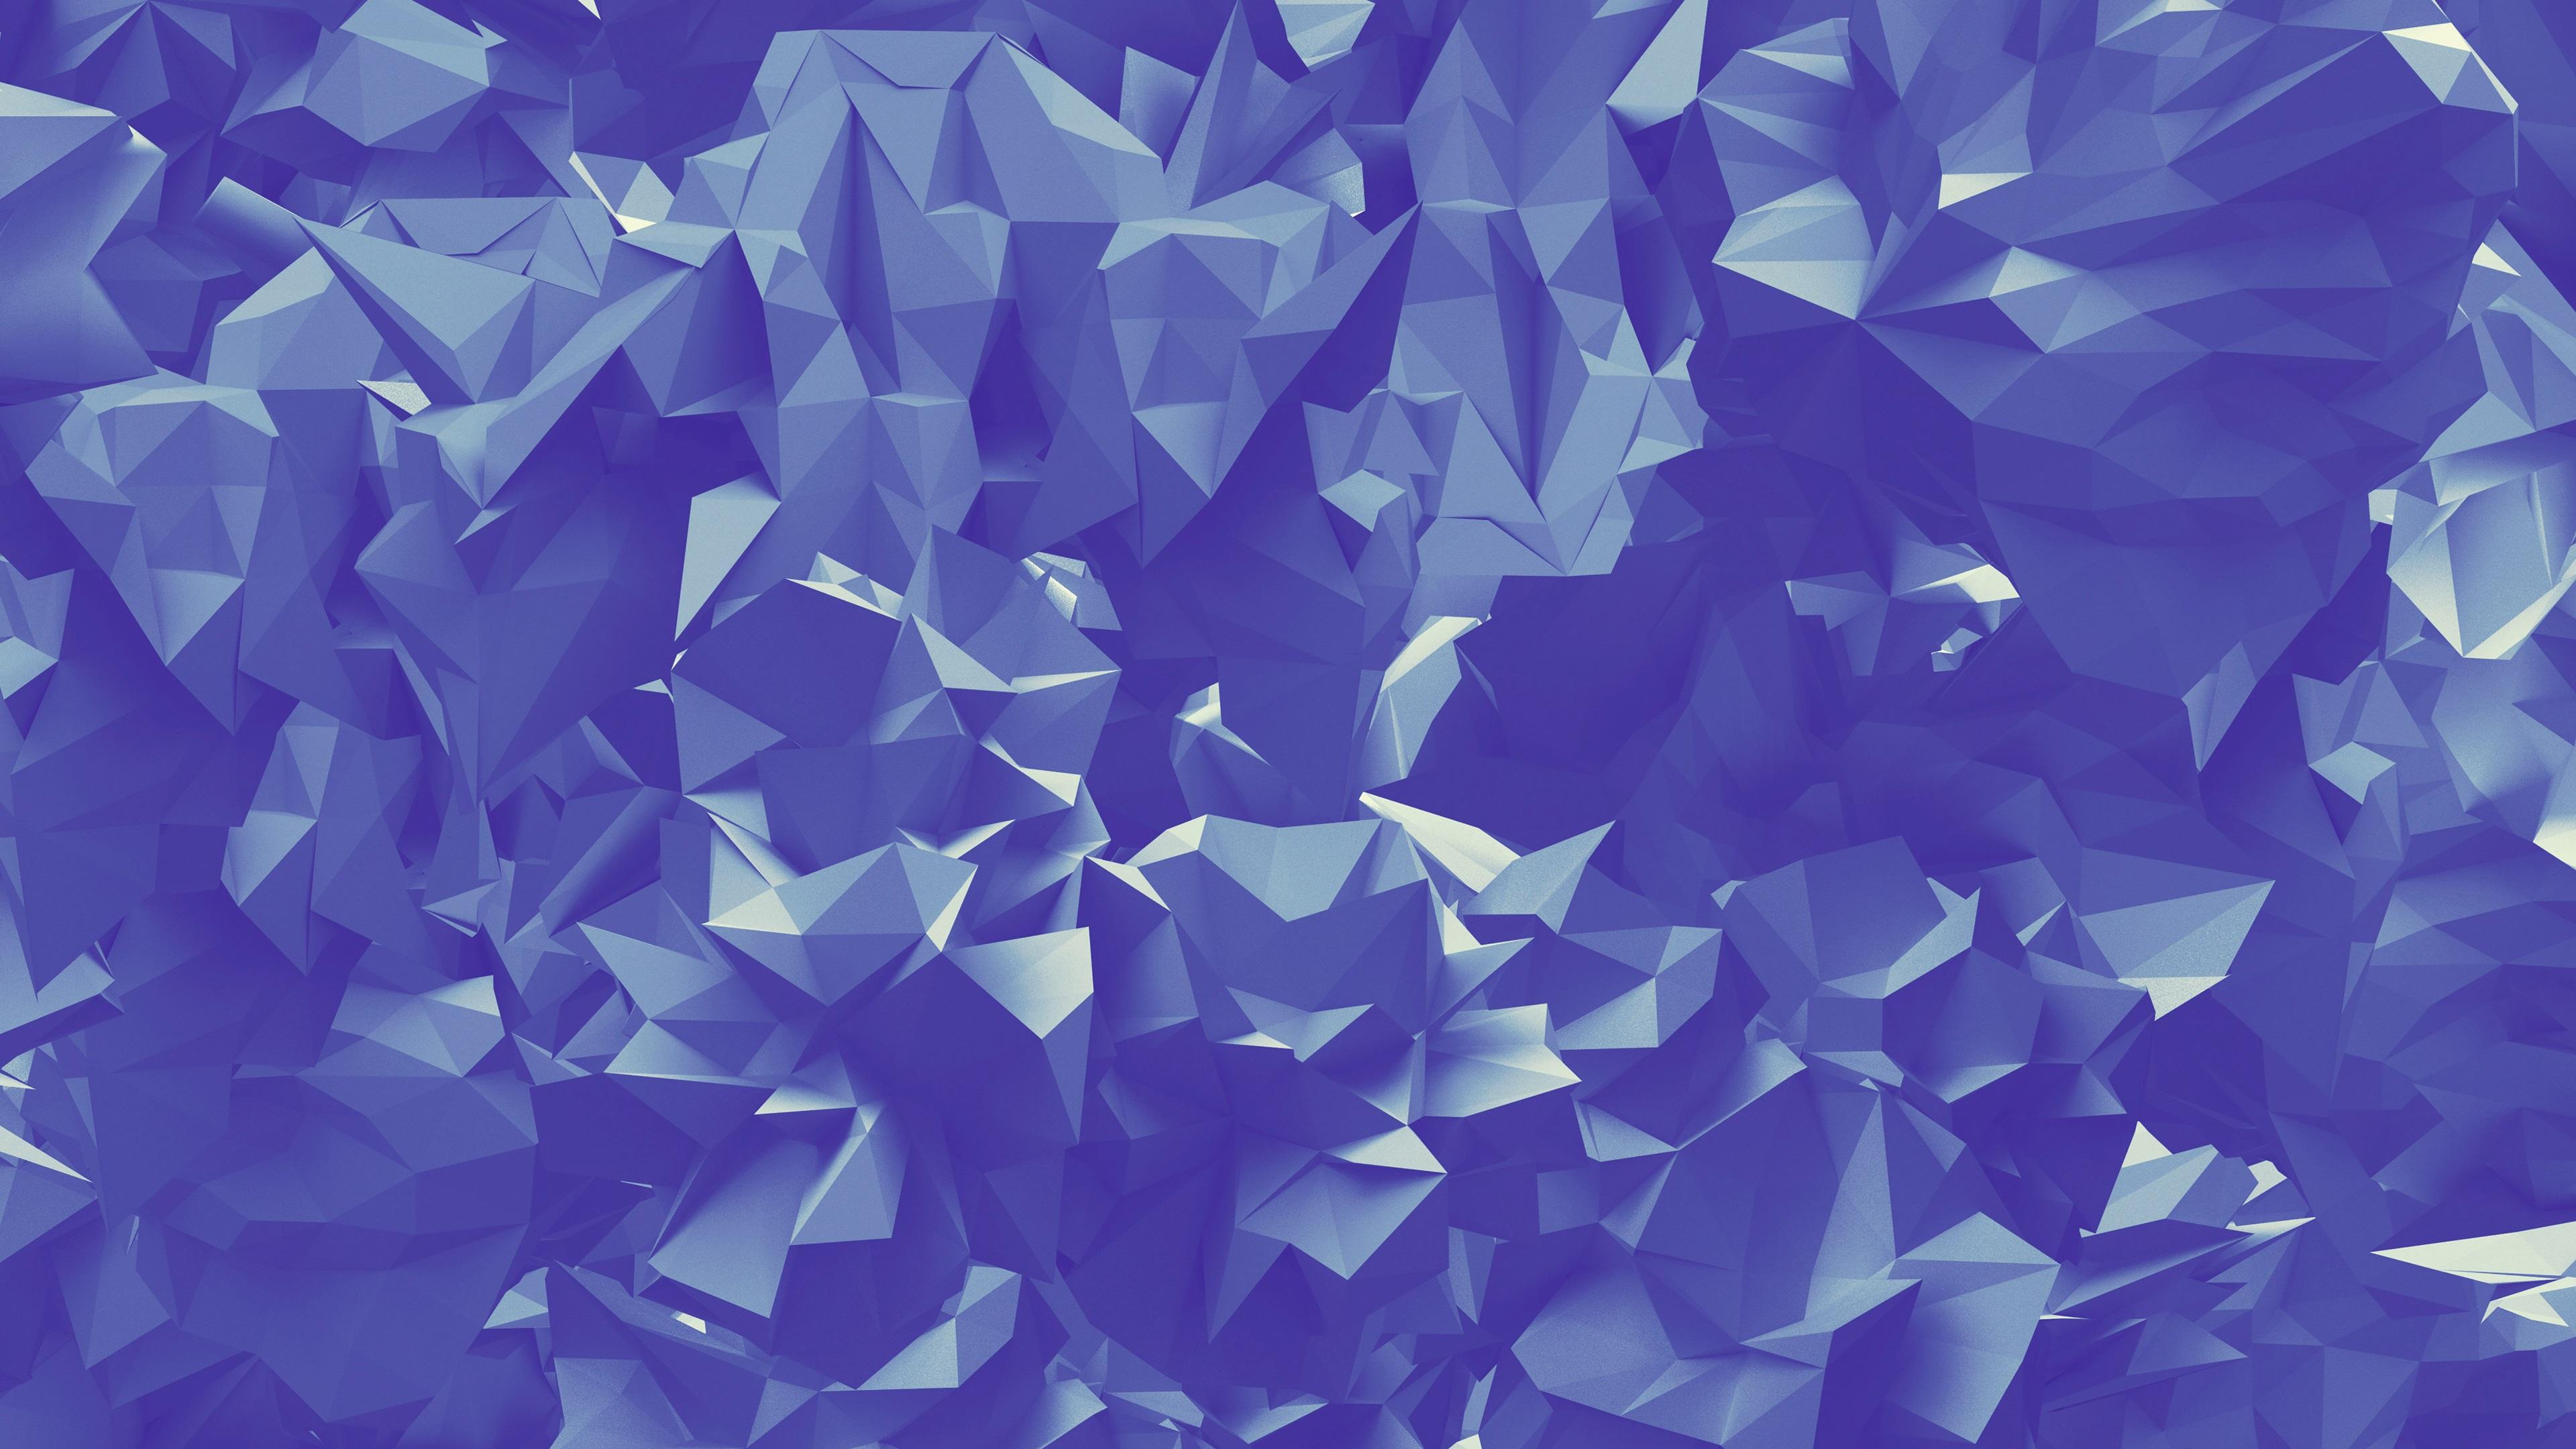 壁紙 紙折りたたみ 幾何学的な三角形の抽象的な 3840x2160 Uhd 4k